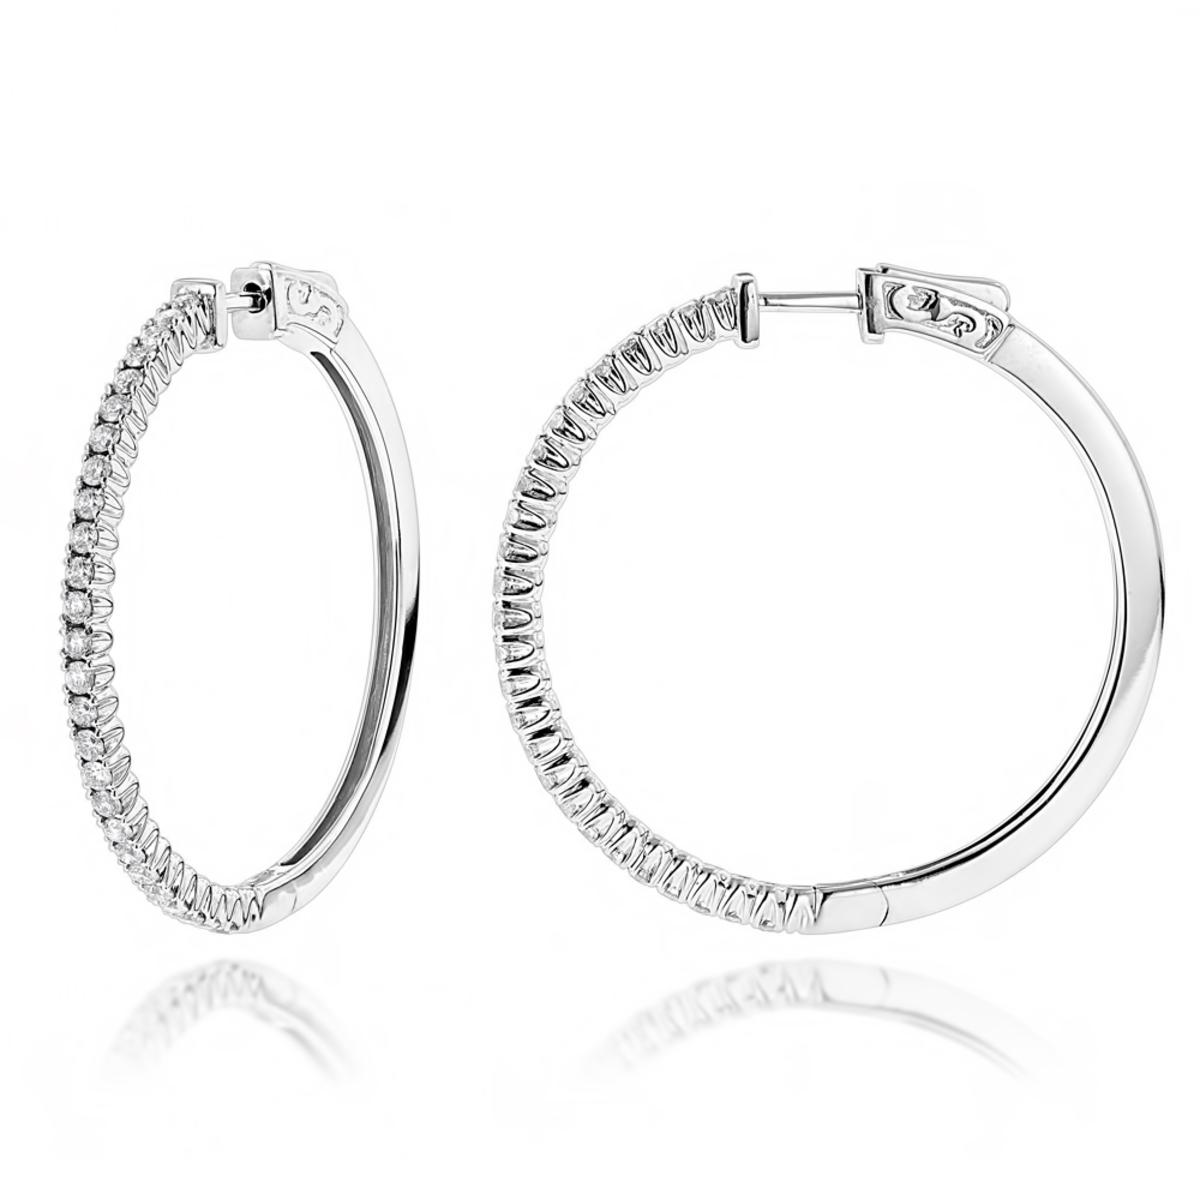 14K Gold Diamond Hoop Earrings 1.2ct